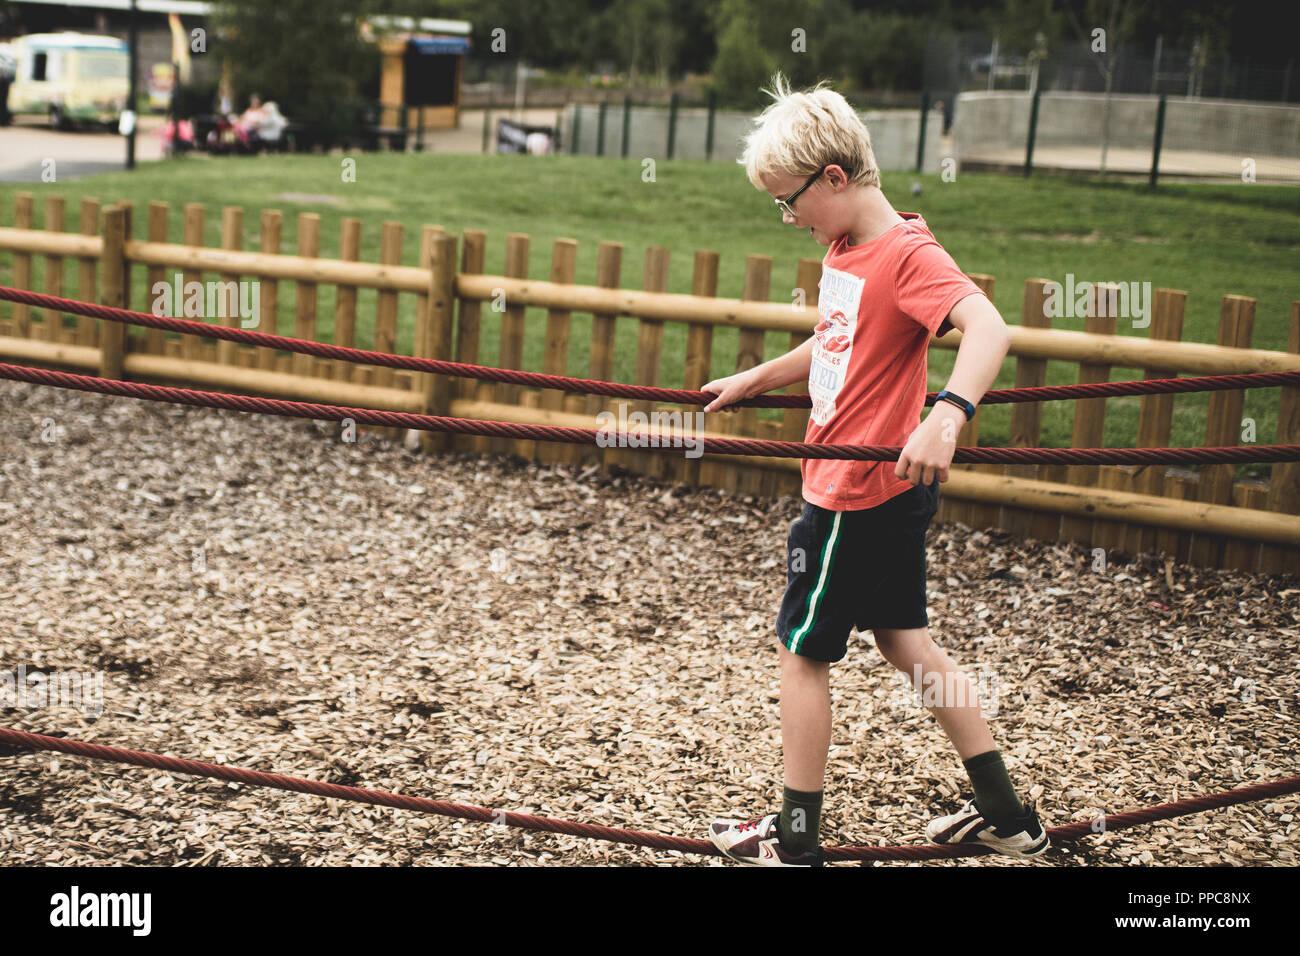 Blonde Junge spielt auf einem Spiel Park Stockbild